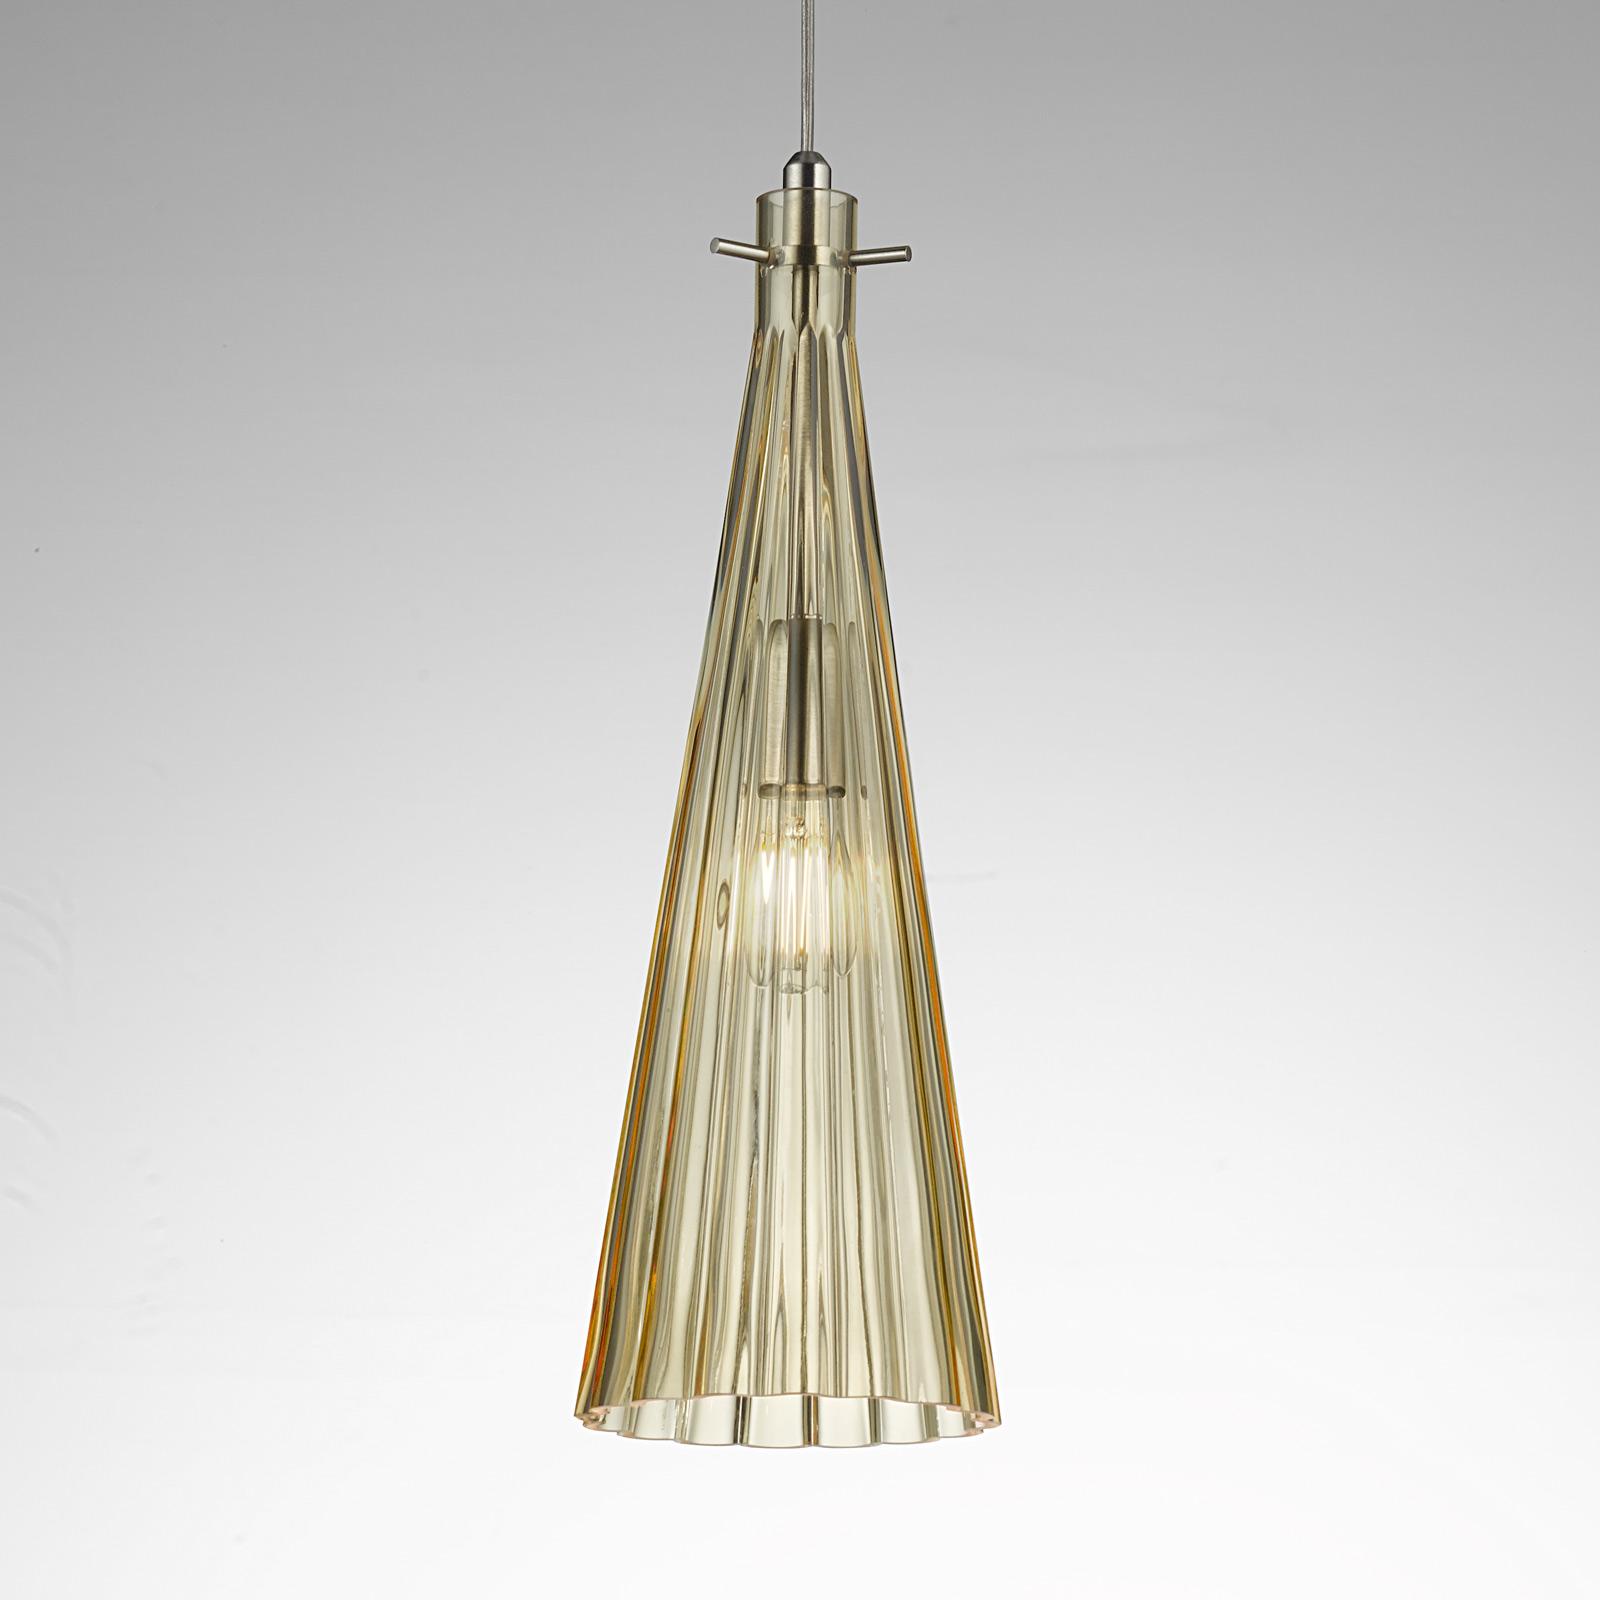 Lampa wisząca Costa Rica ze szkła, bursztyn